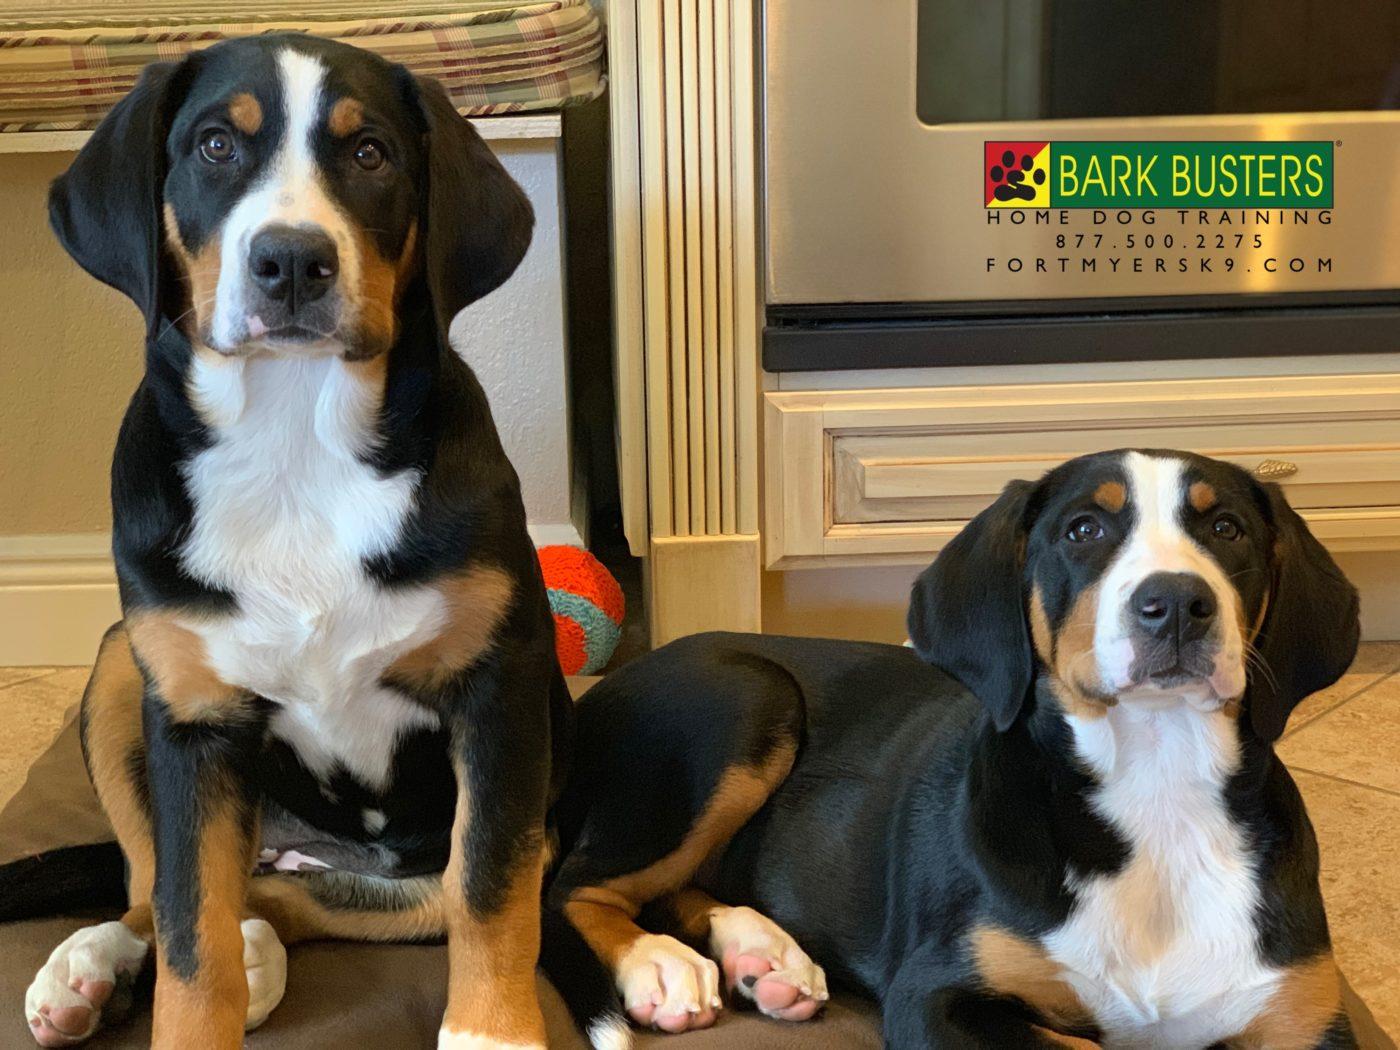 #greaterswissmountaindog #fortmyersk9 #speakdogbarkbusters #dogsofbarkbusters